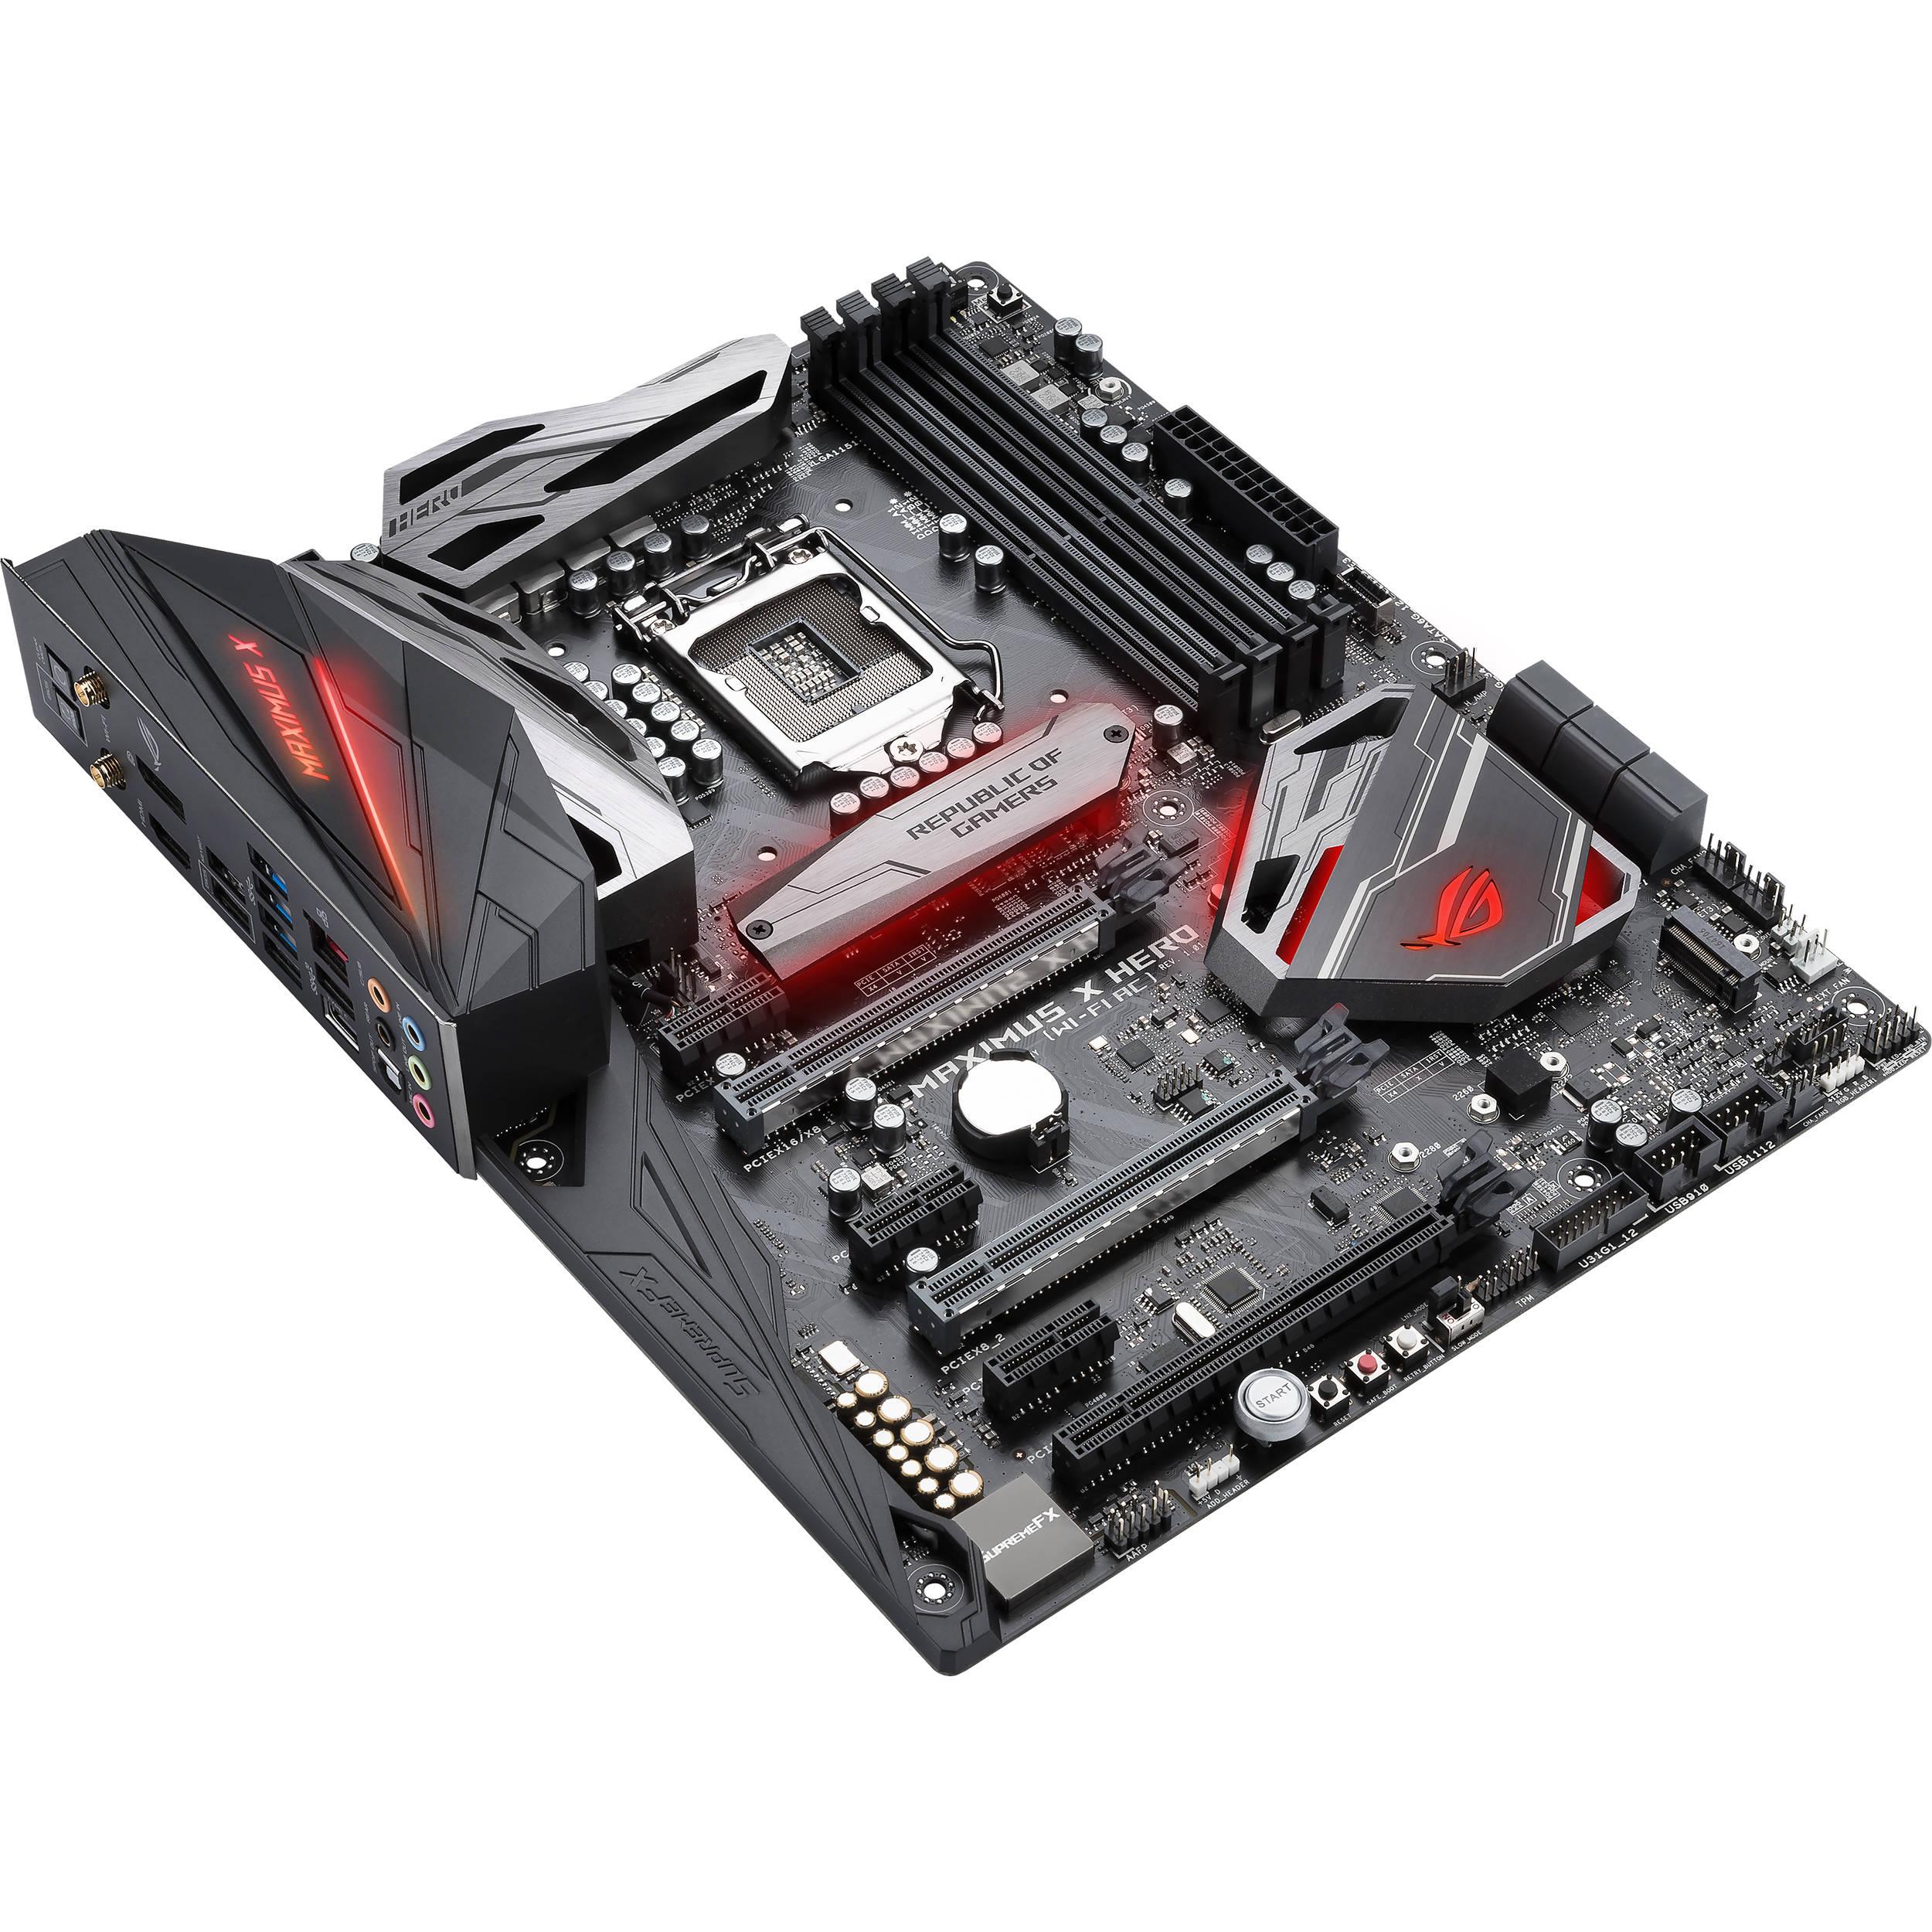 ASUS Republic of Gamers Maximus X Hero LGA1151 ATX Motherboard